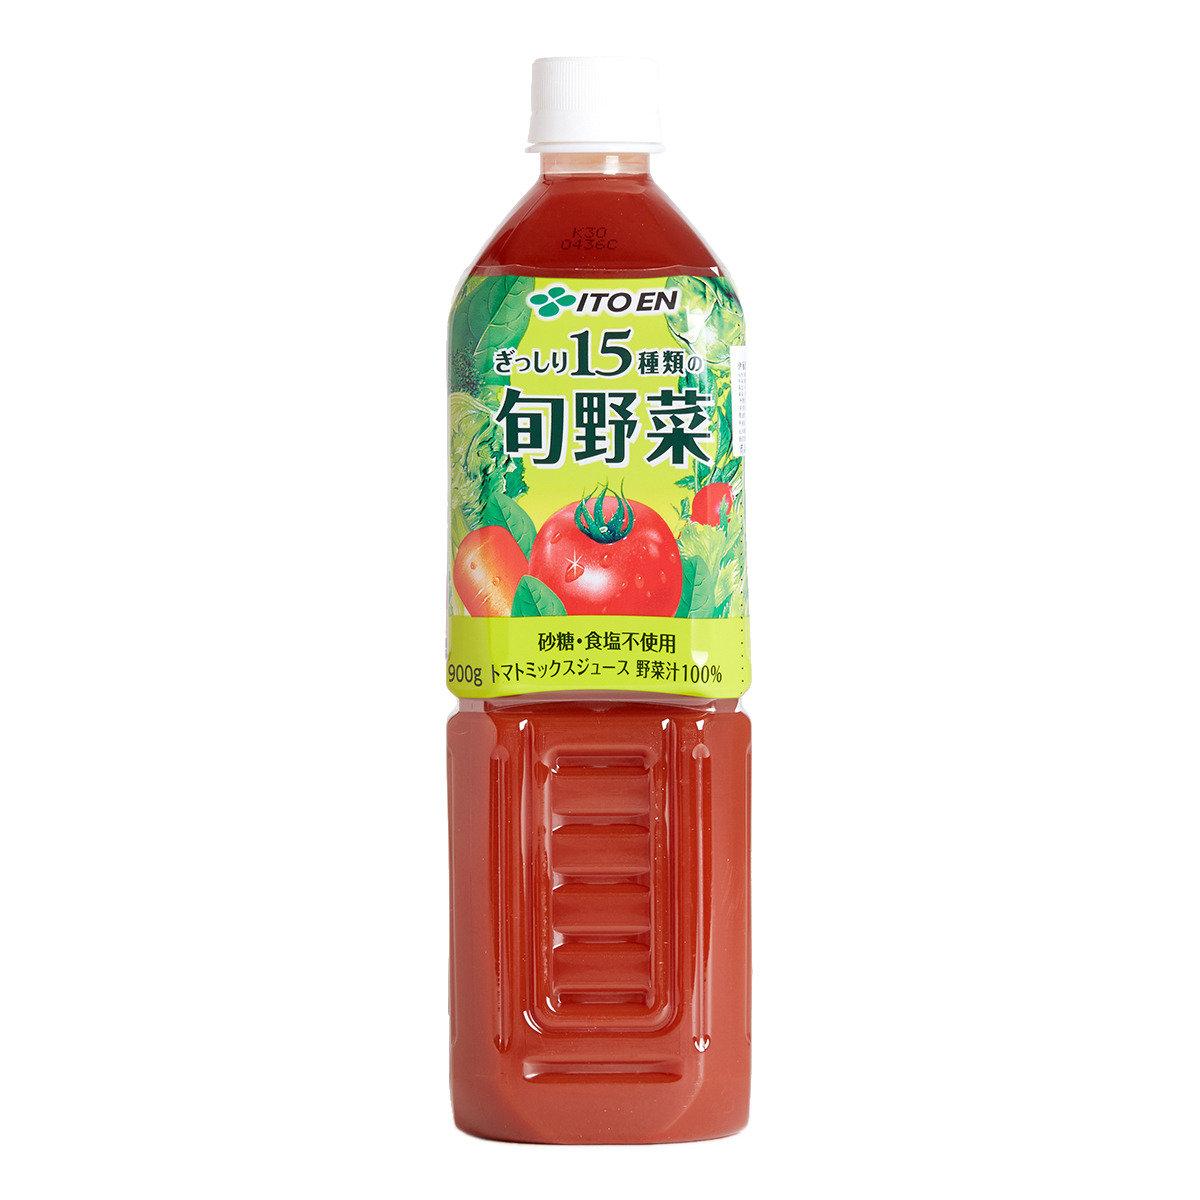 15種蔬菜汁